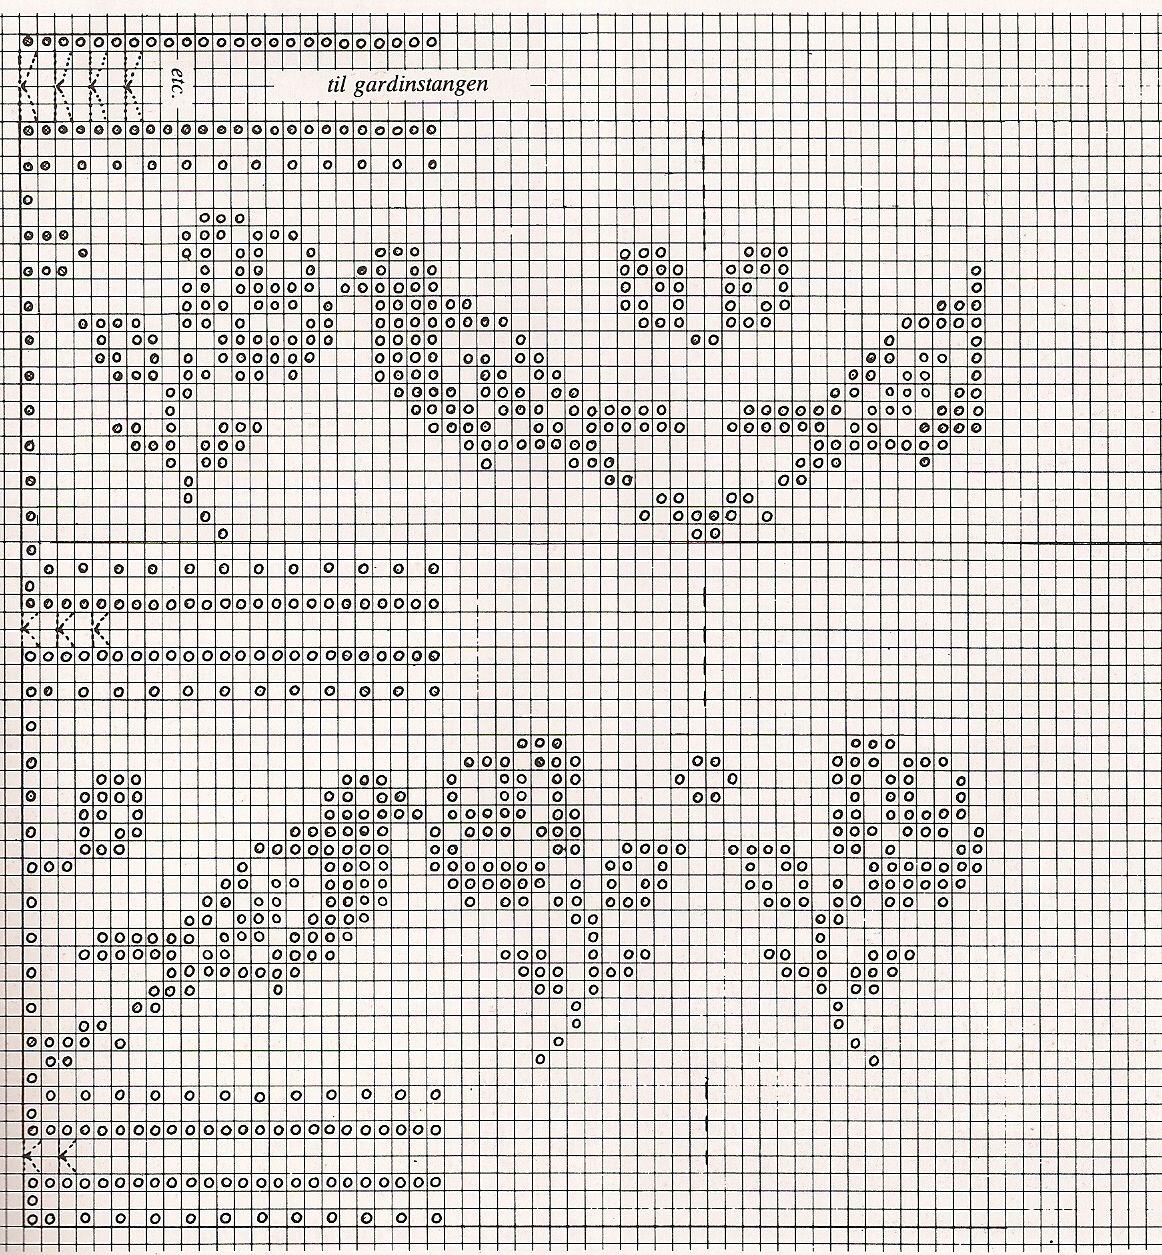 сканирование0014.jpg (1162×1255)